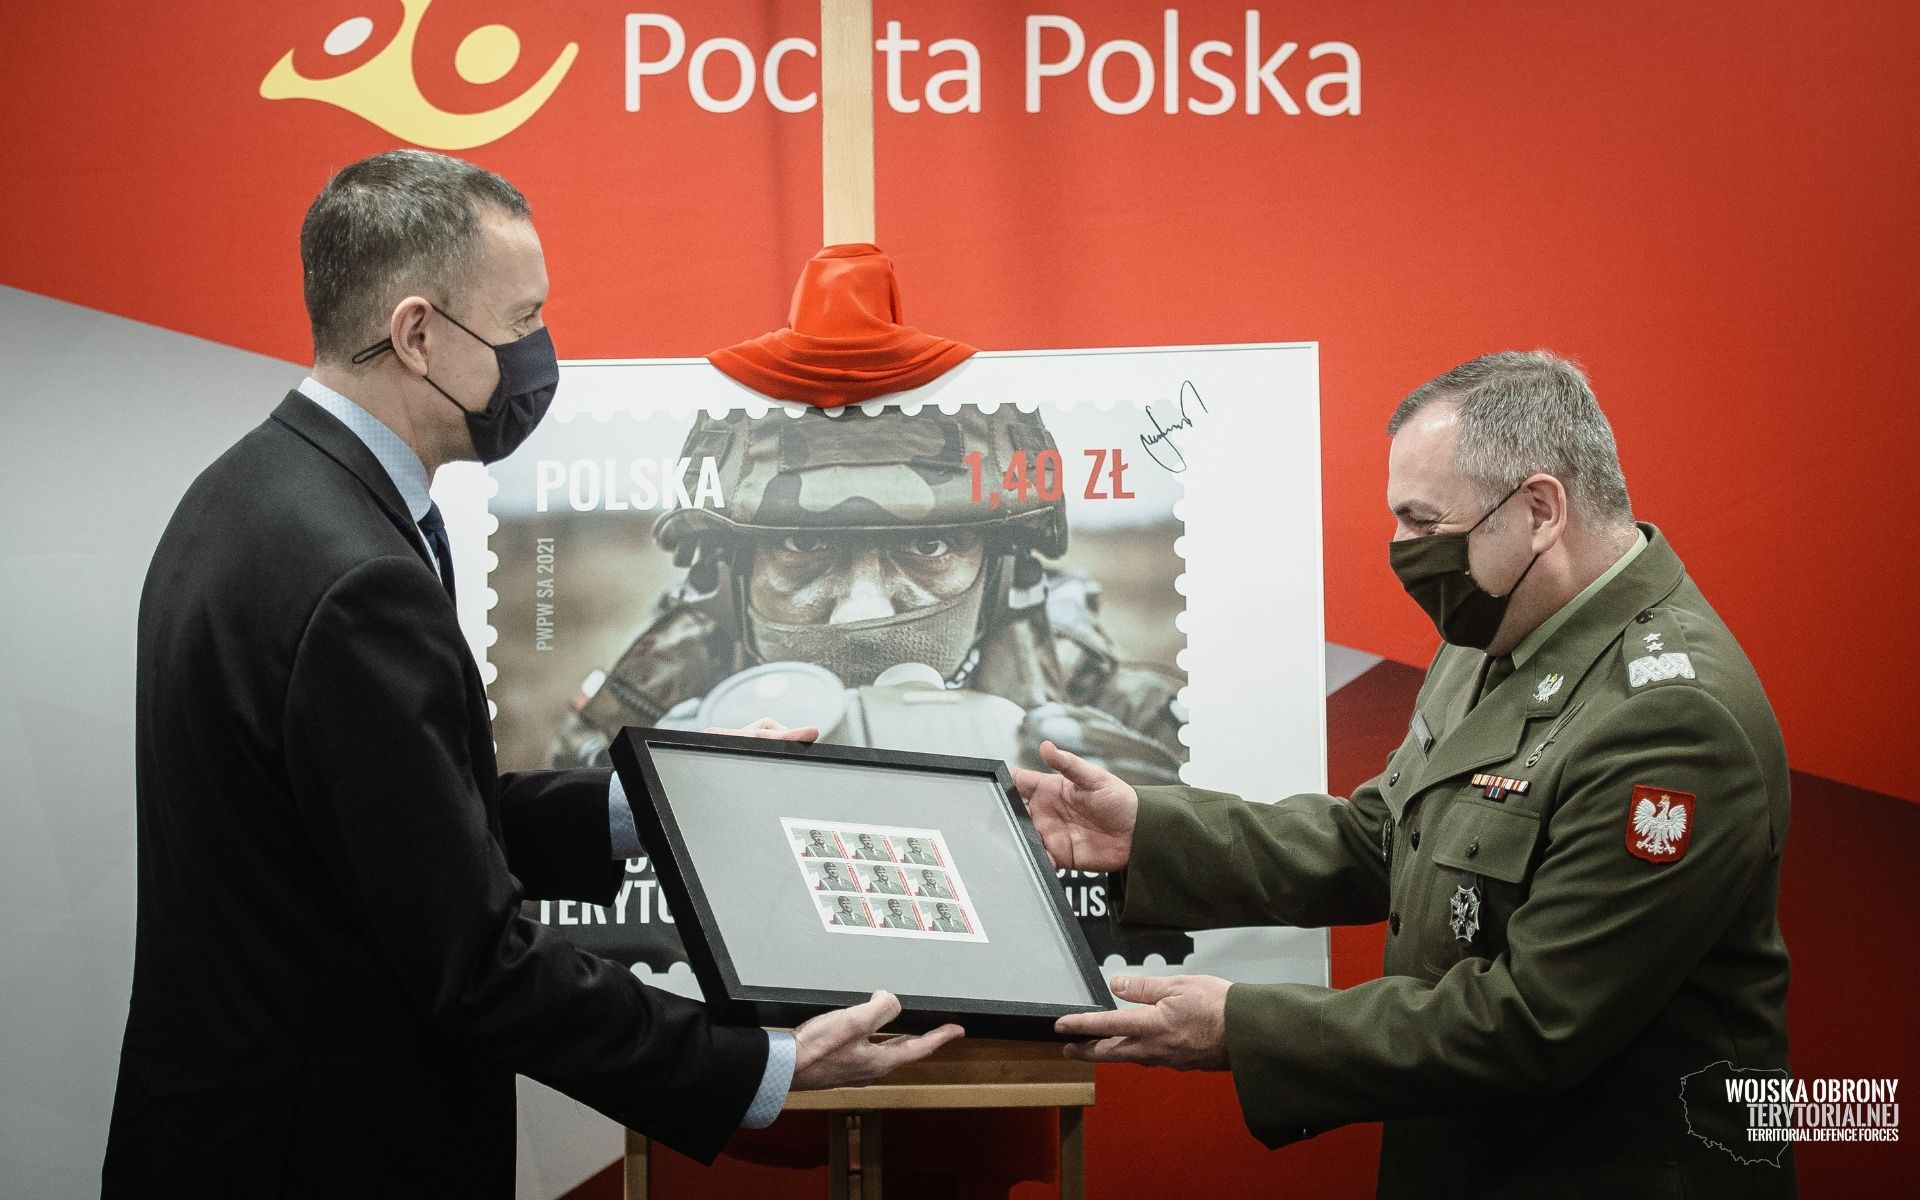 prezentacja znaczka wot 1 Terytorialsi na znaczkach Poczty Polskiej